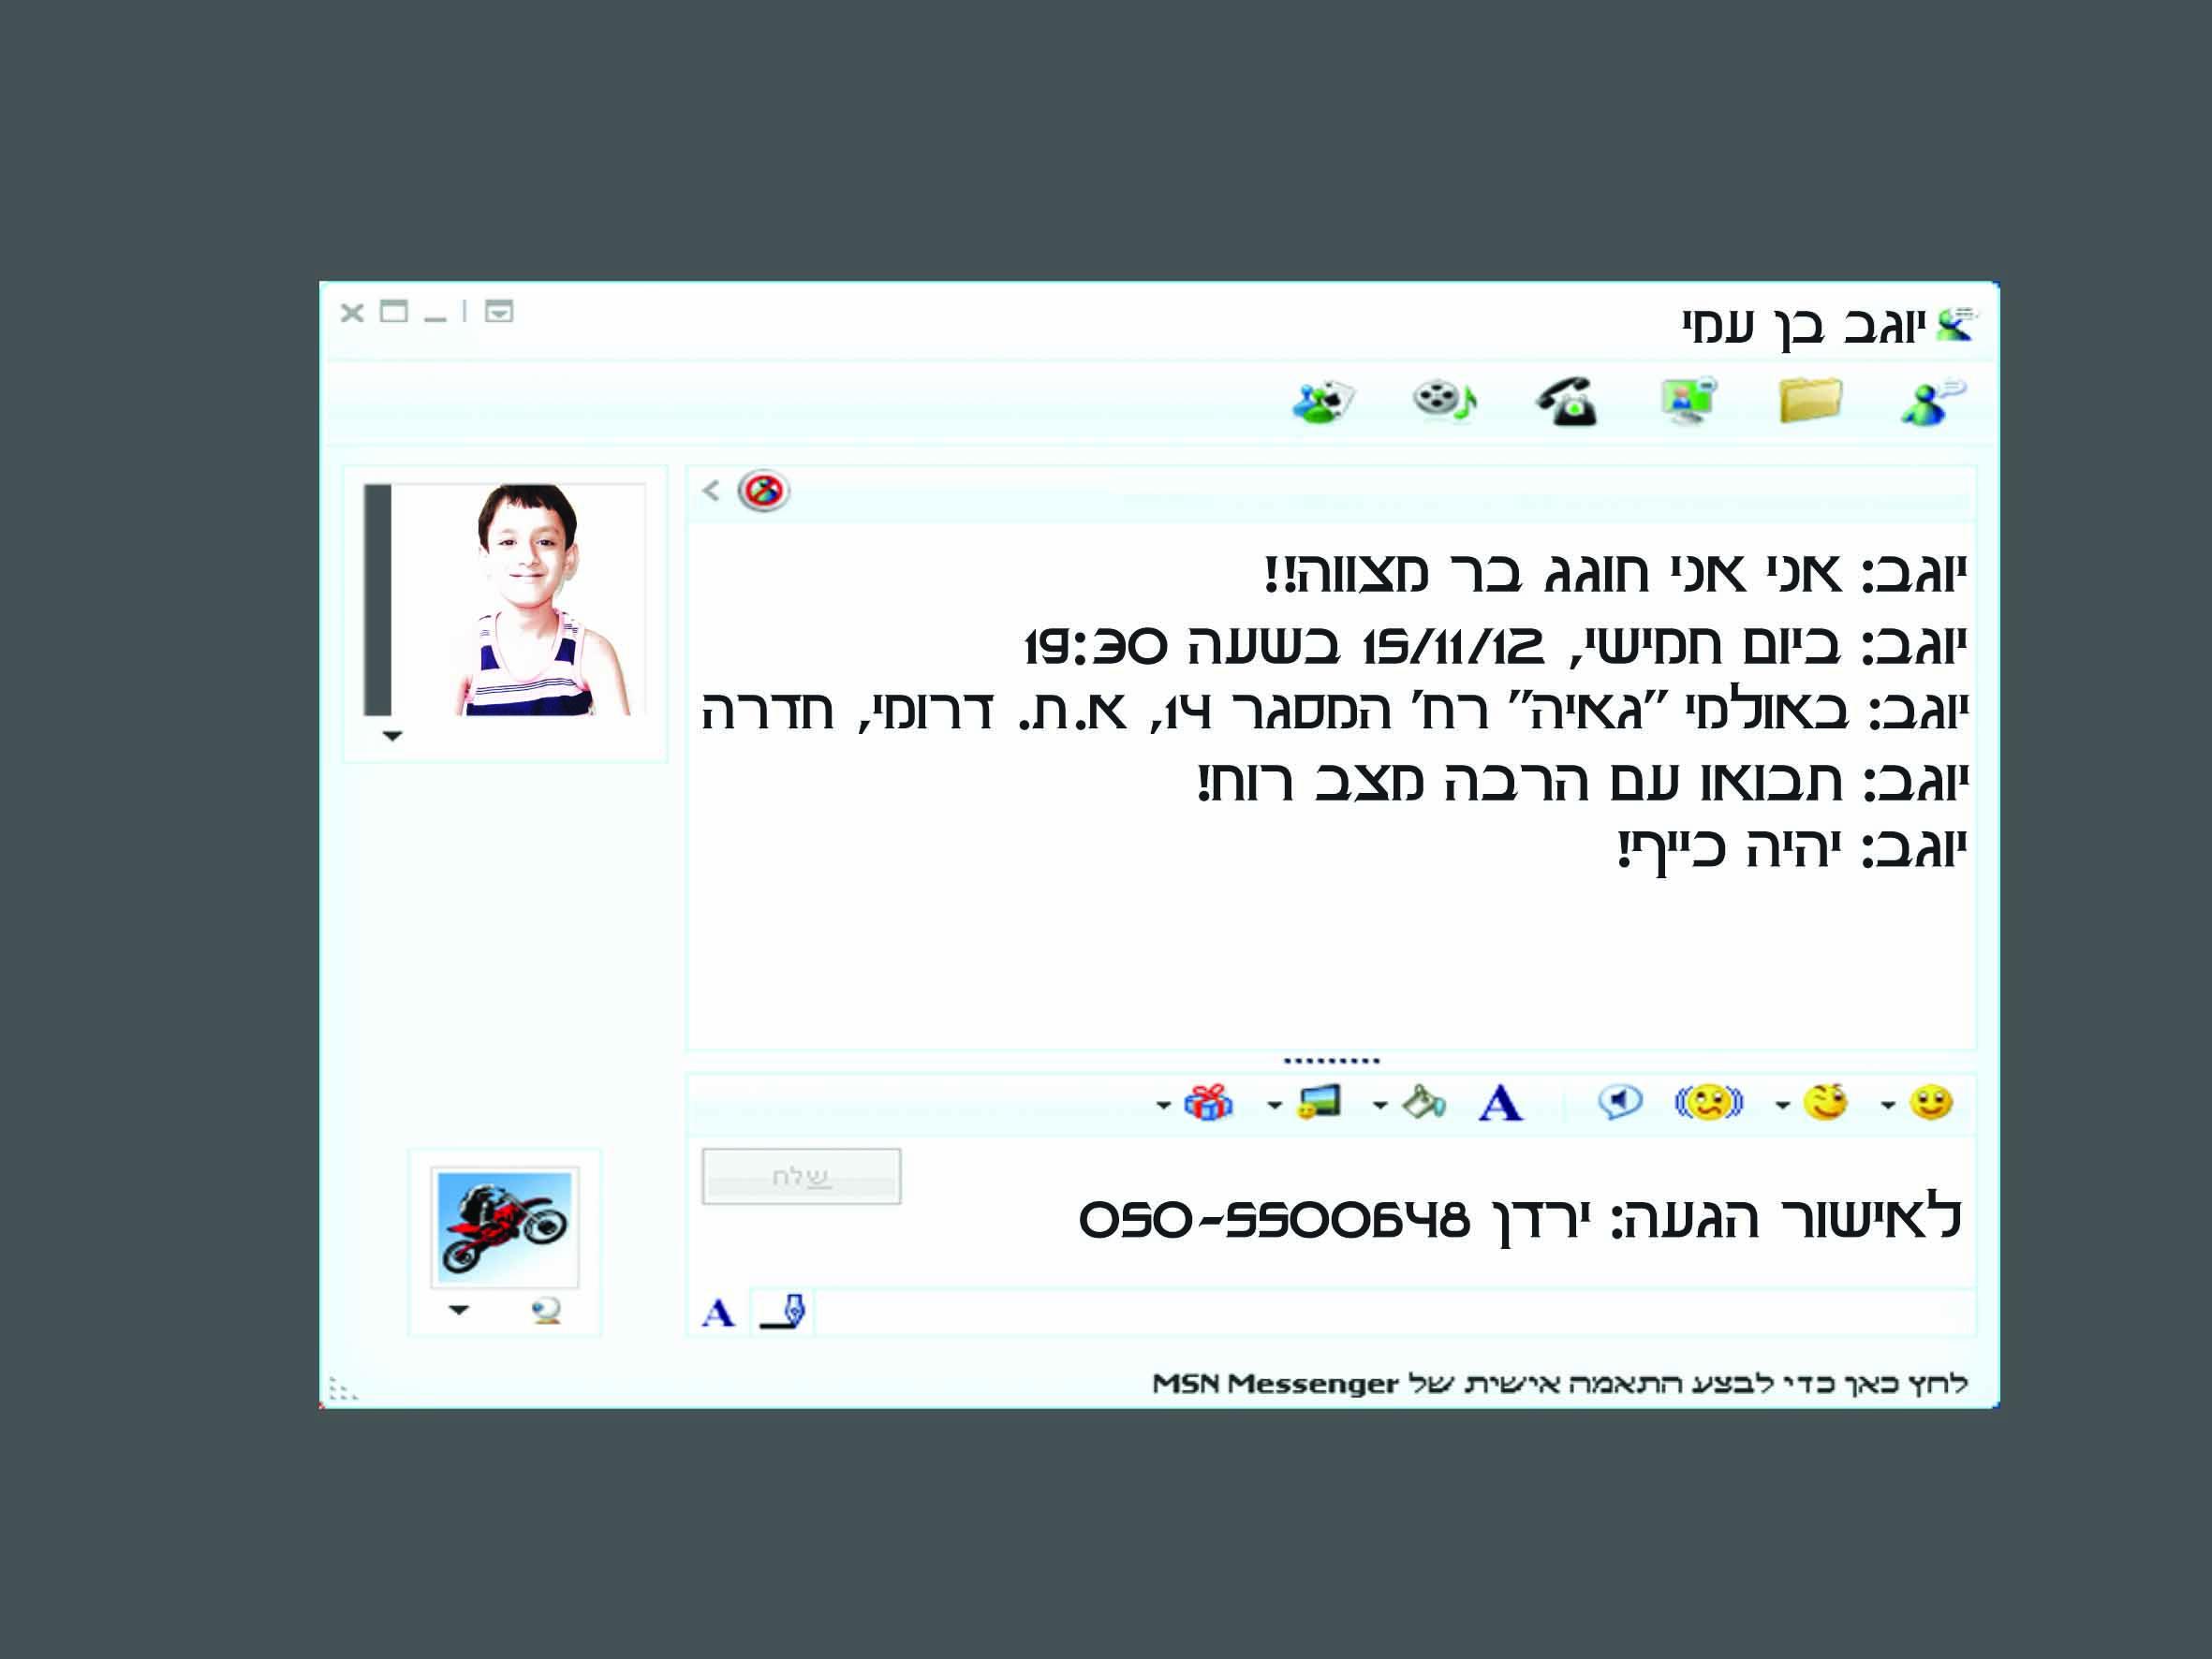 הזמנה לבר מצווה ICQ